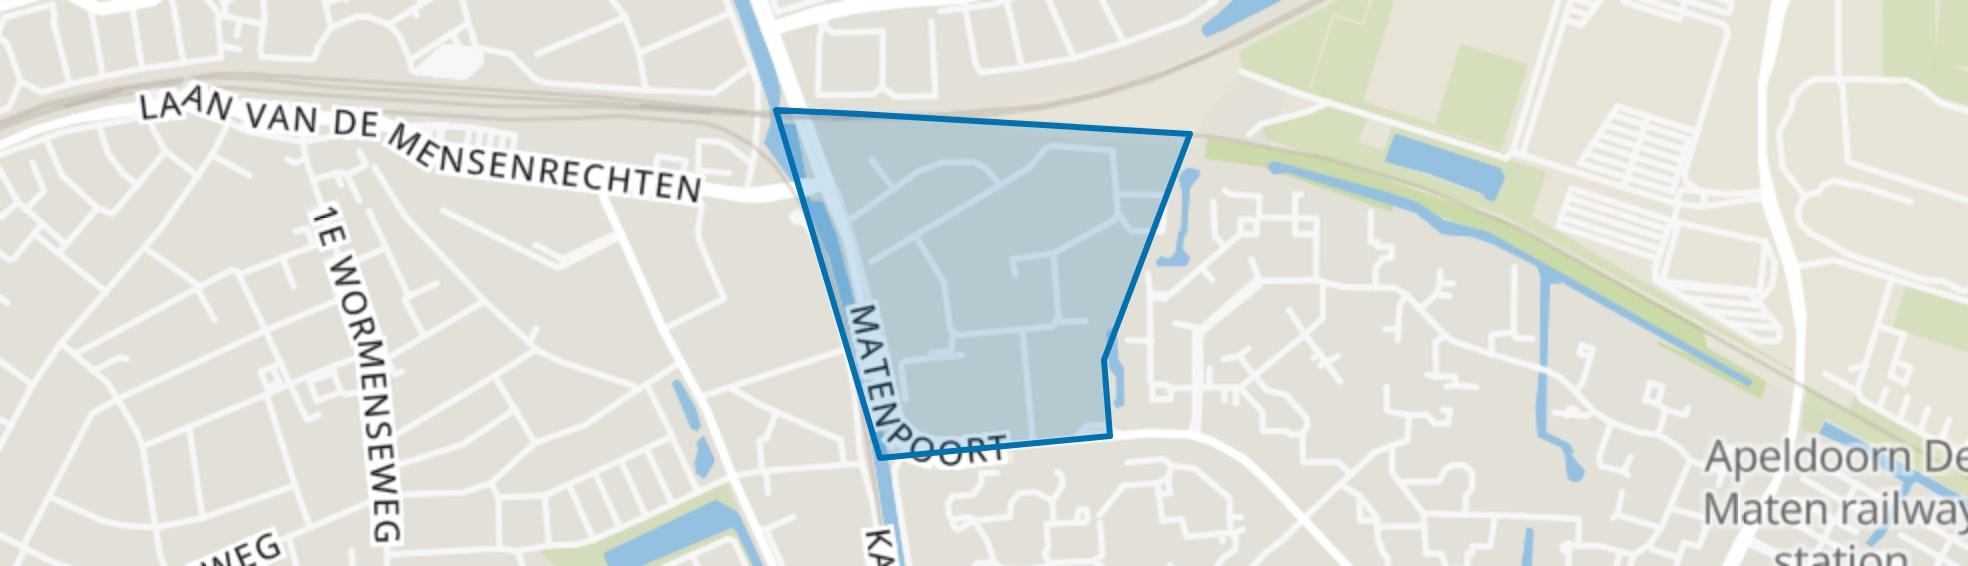 Matenhoek, Apeldoorn map